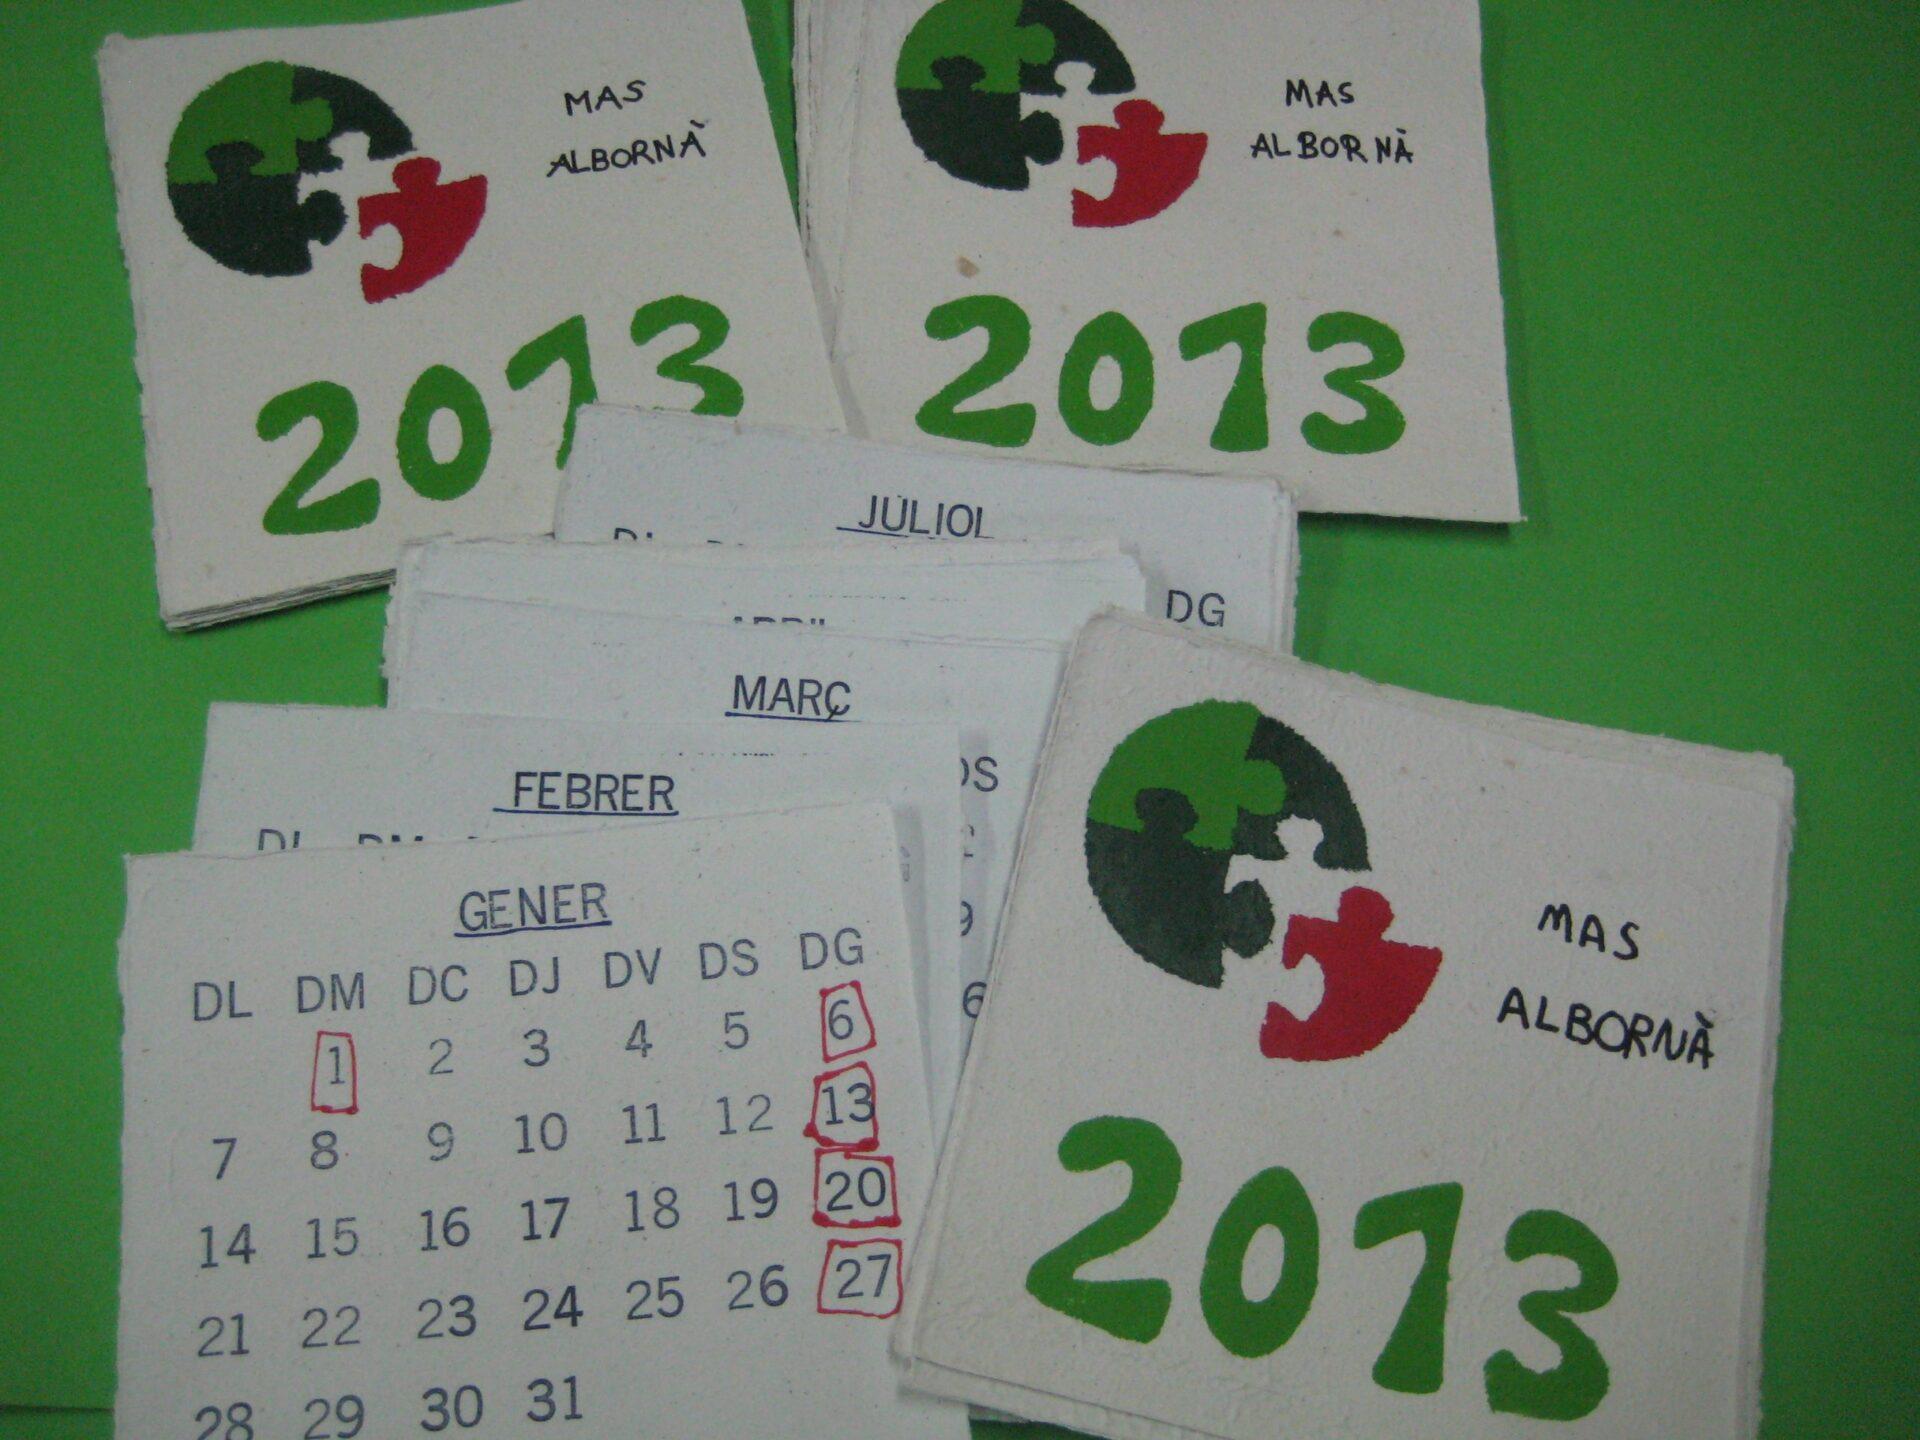 El nou calendari del CO 2013